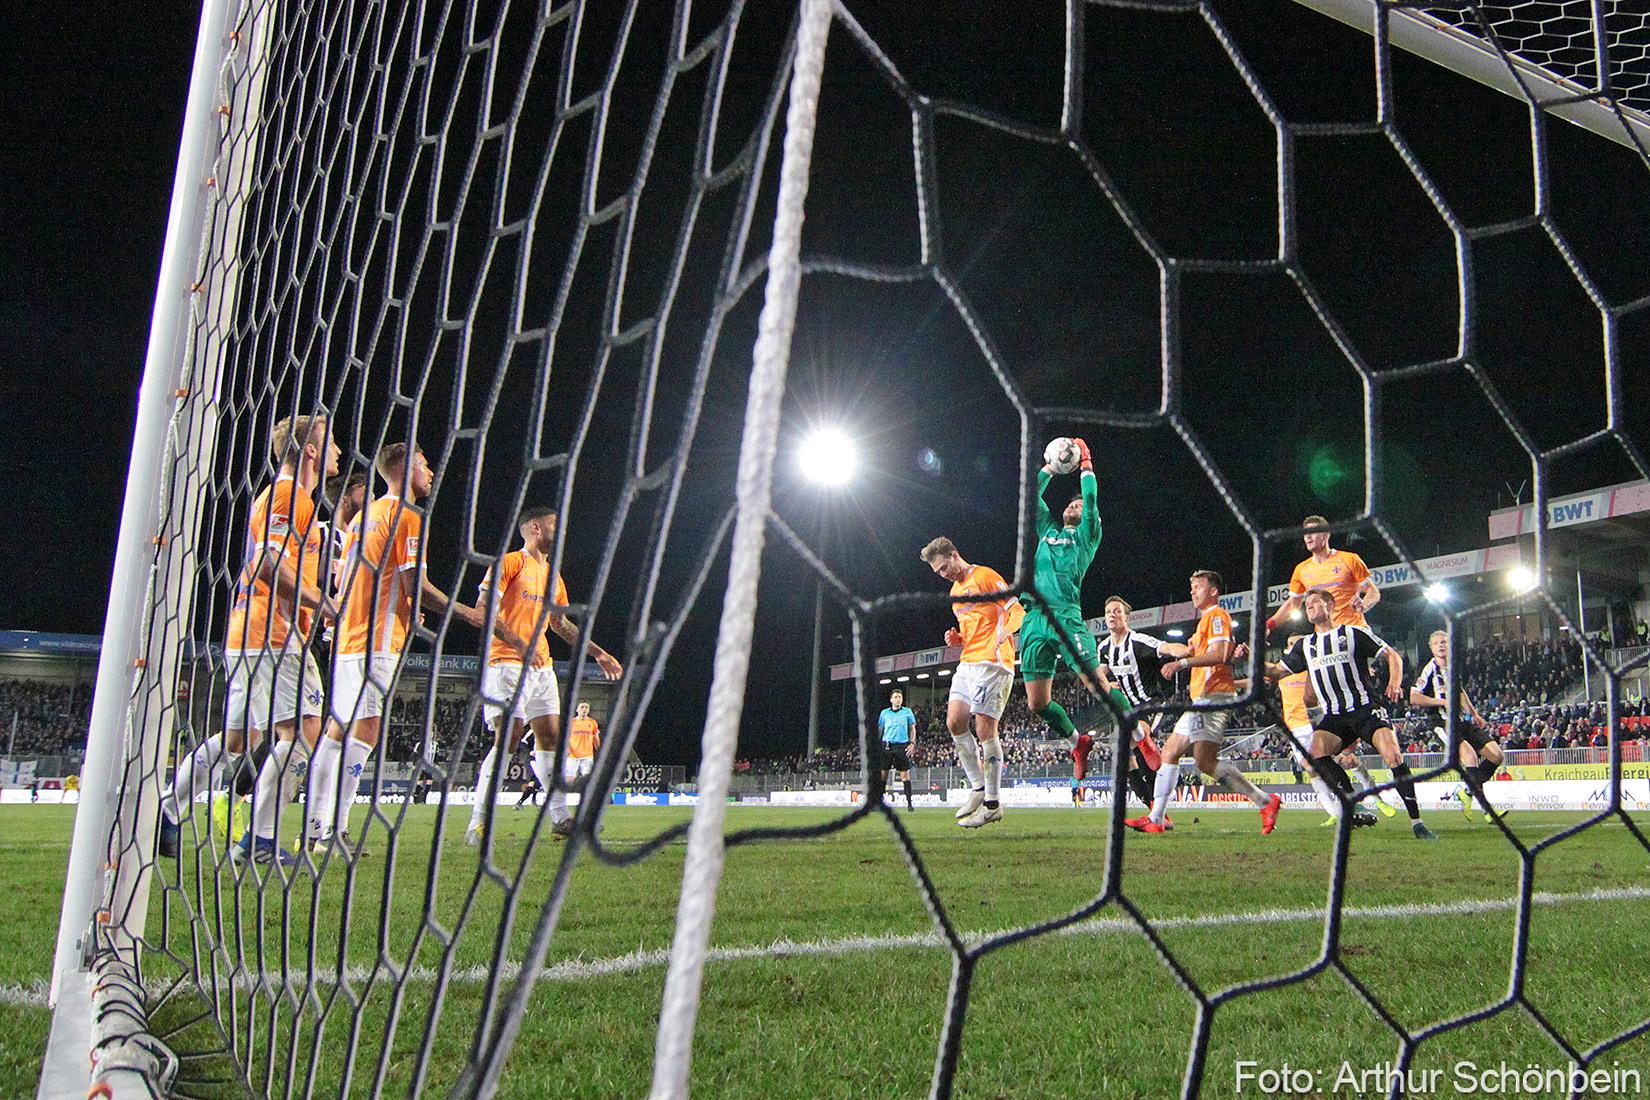 SV Sandhausen – SV Darmstadt 98 1:1 (1:1)